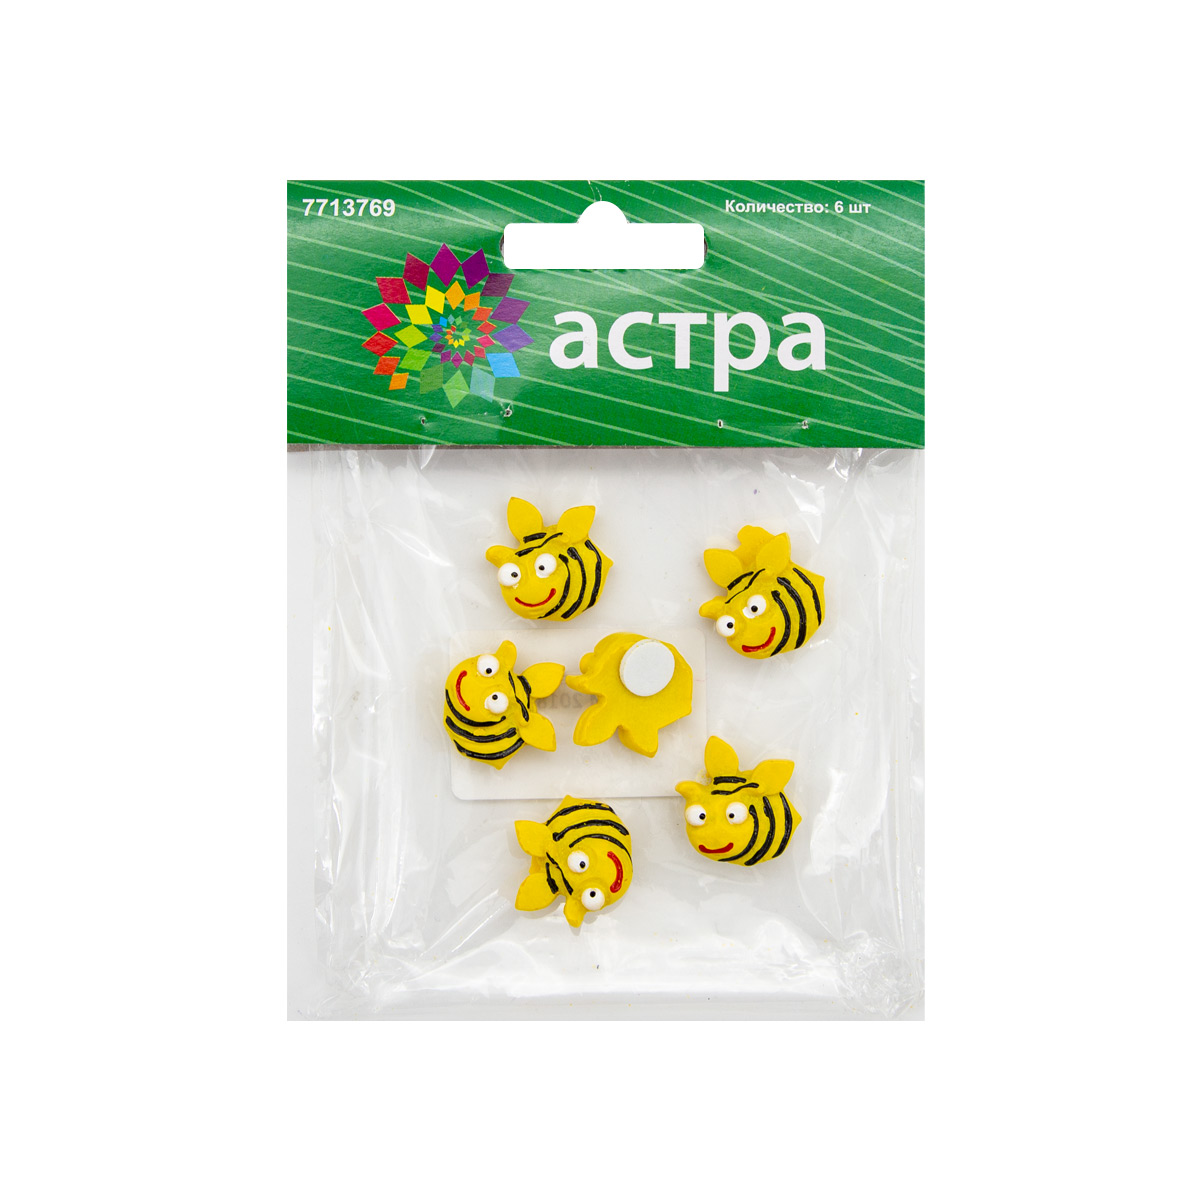 LR15-4600 Объемные фигурки 'Пчелка' (полимер), 2*2 см, упак./6 шт., 'Астра'